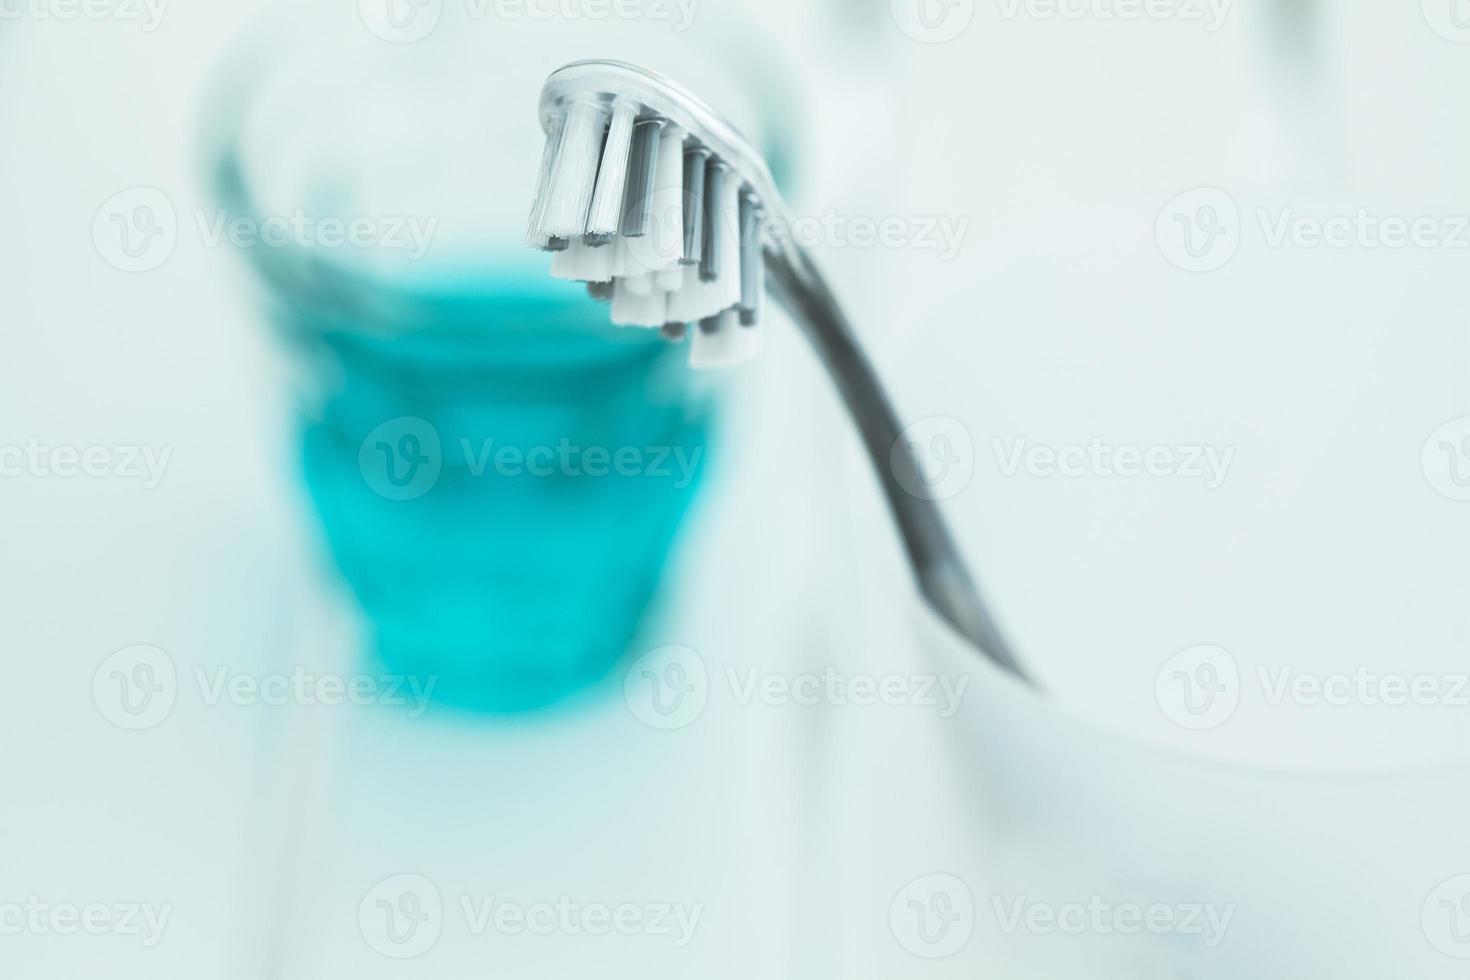 cepillo de dientes en vidrio y enjuague bucal foto